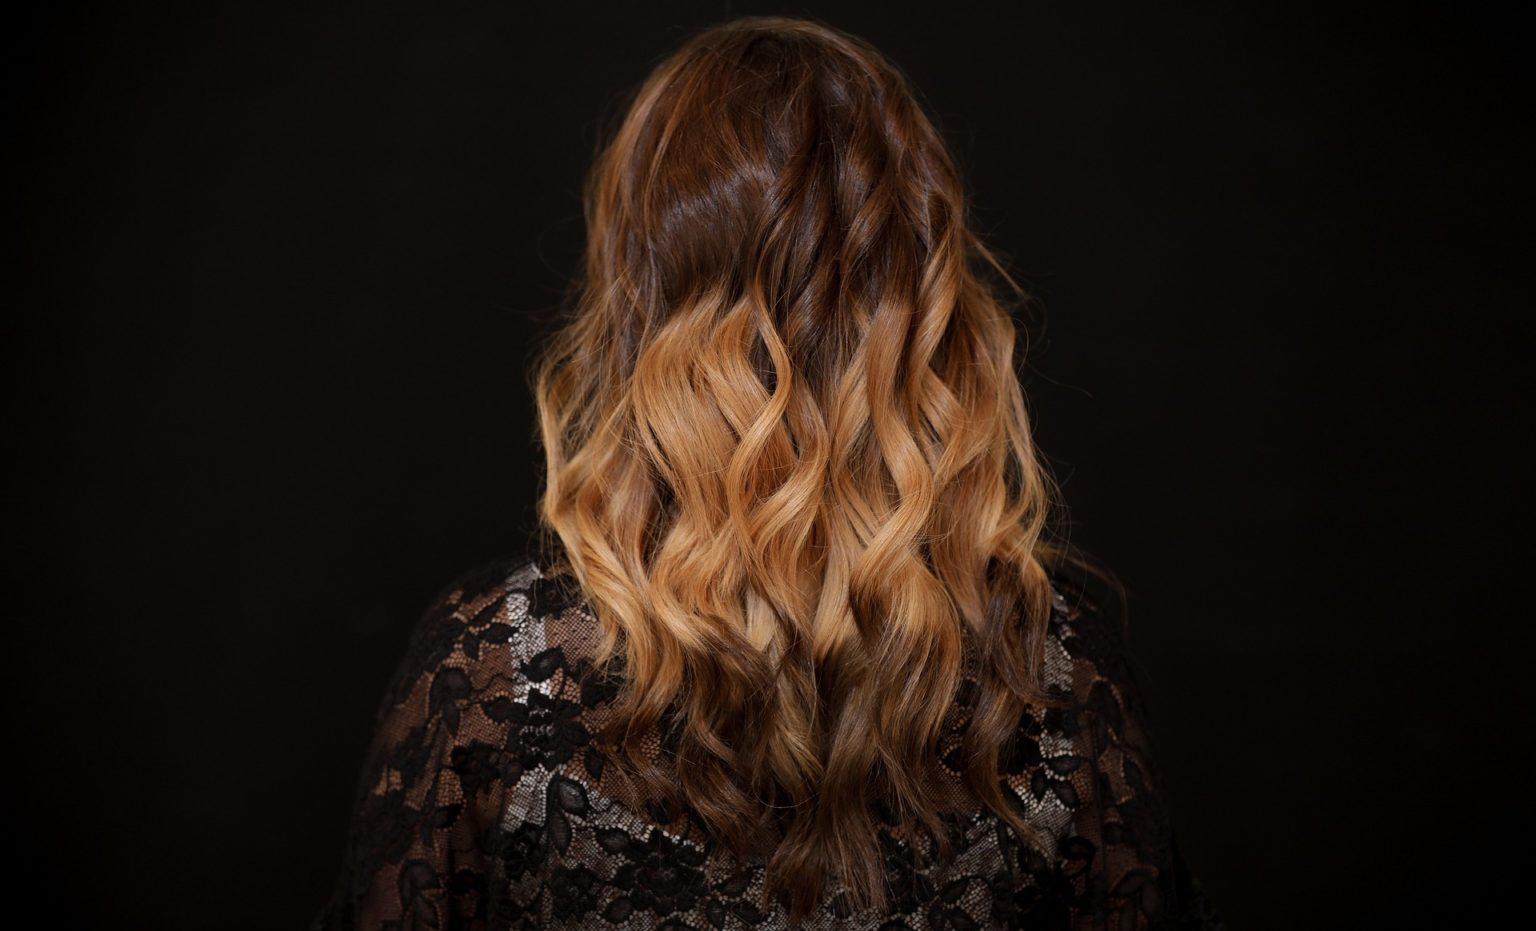 Haarschnitt Männer - Coiffeur und Hairstyling Lounge 1